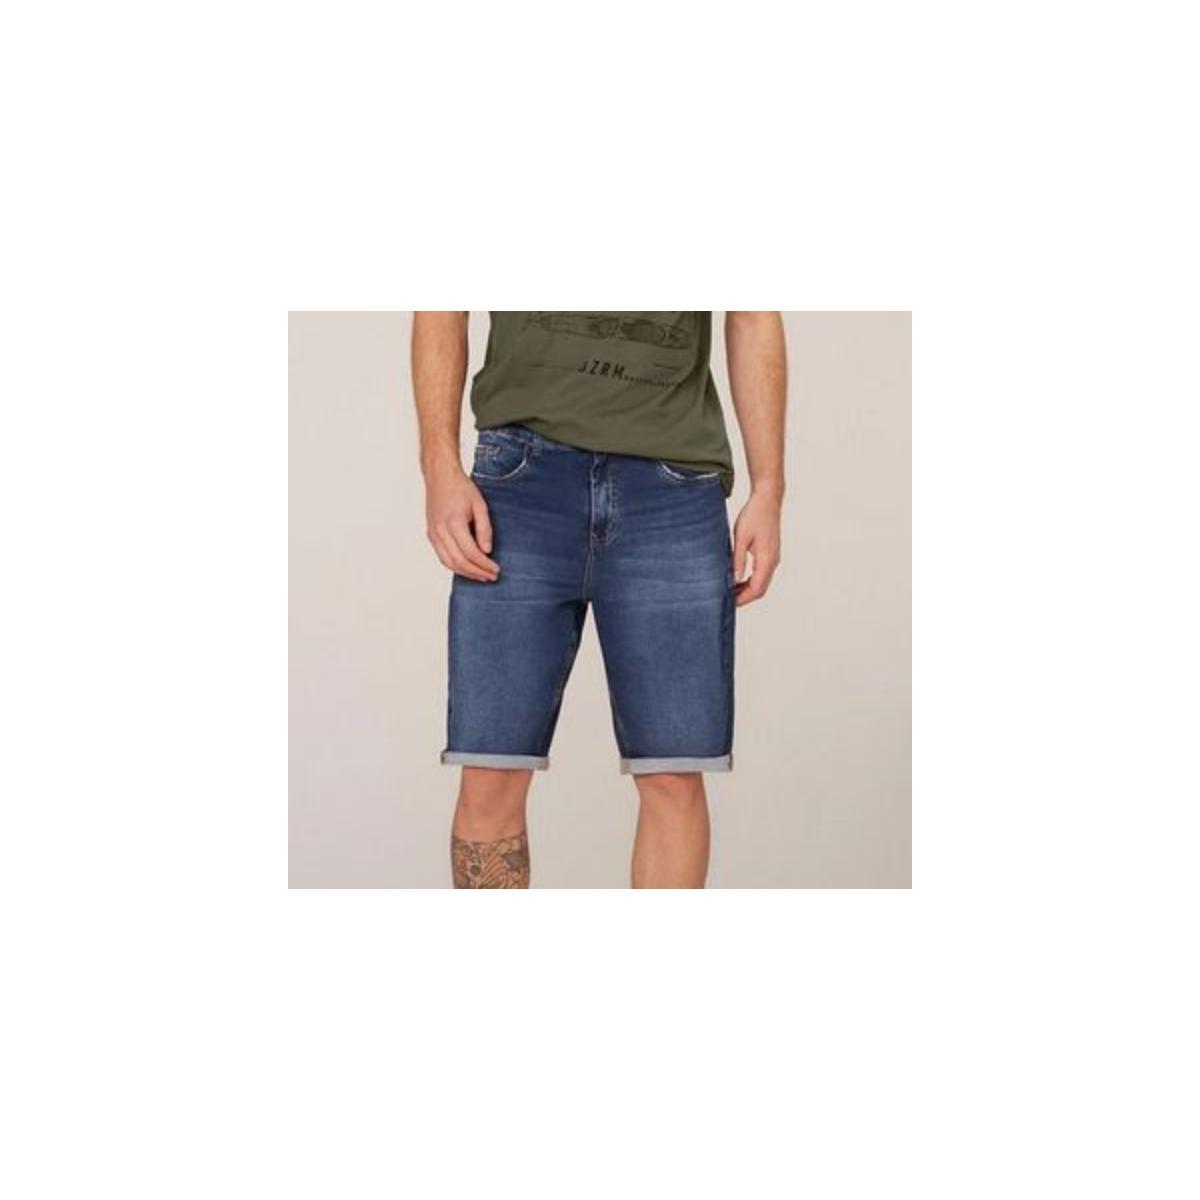 Bermuda Masculina Dzarm Zc4u  1asn Jeans